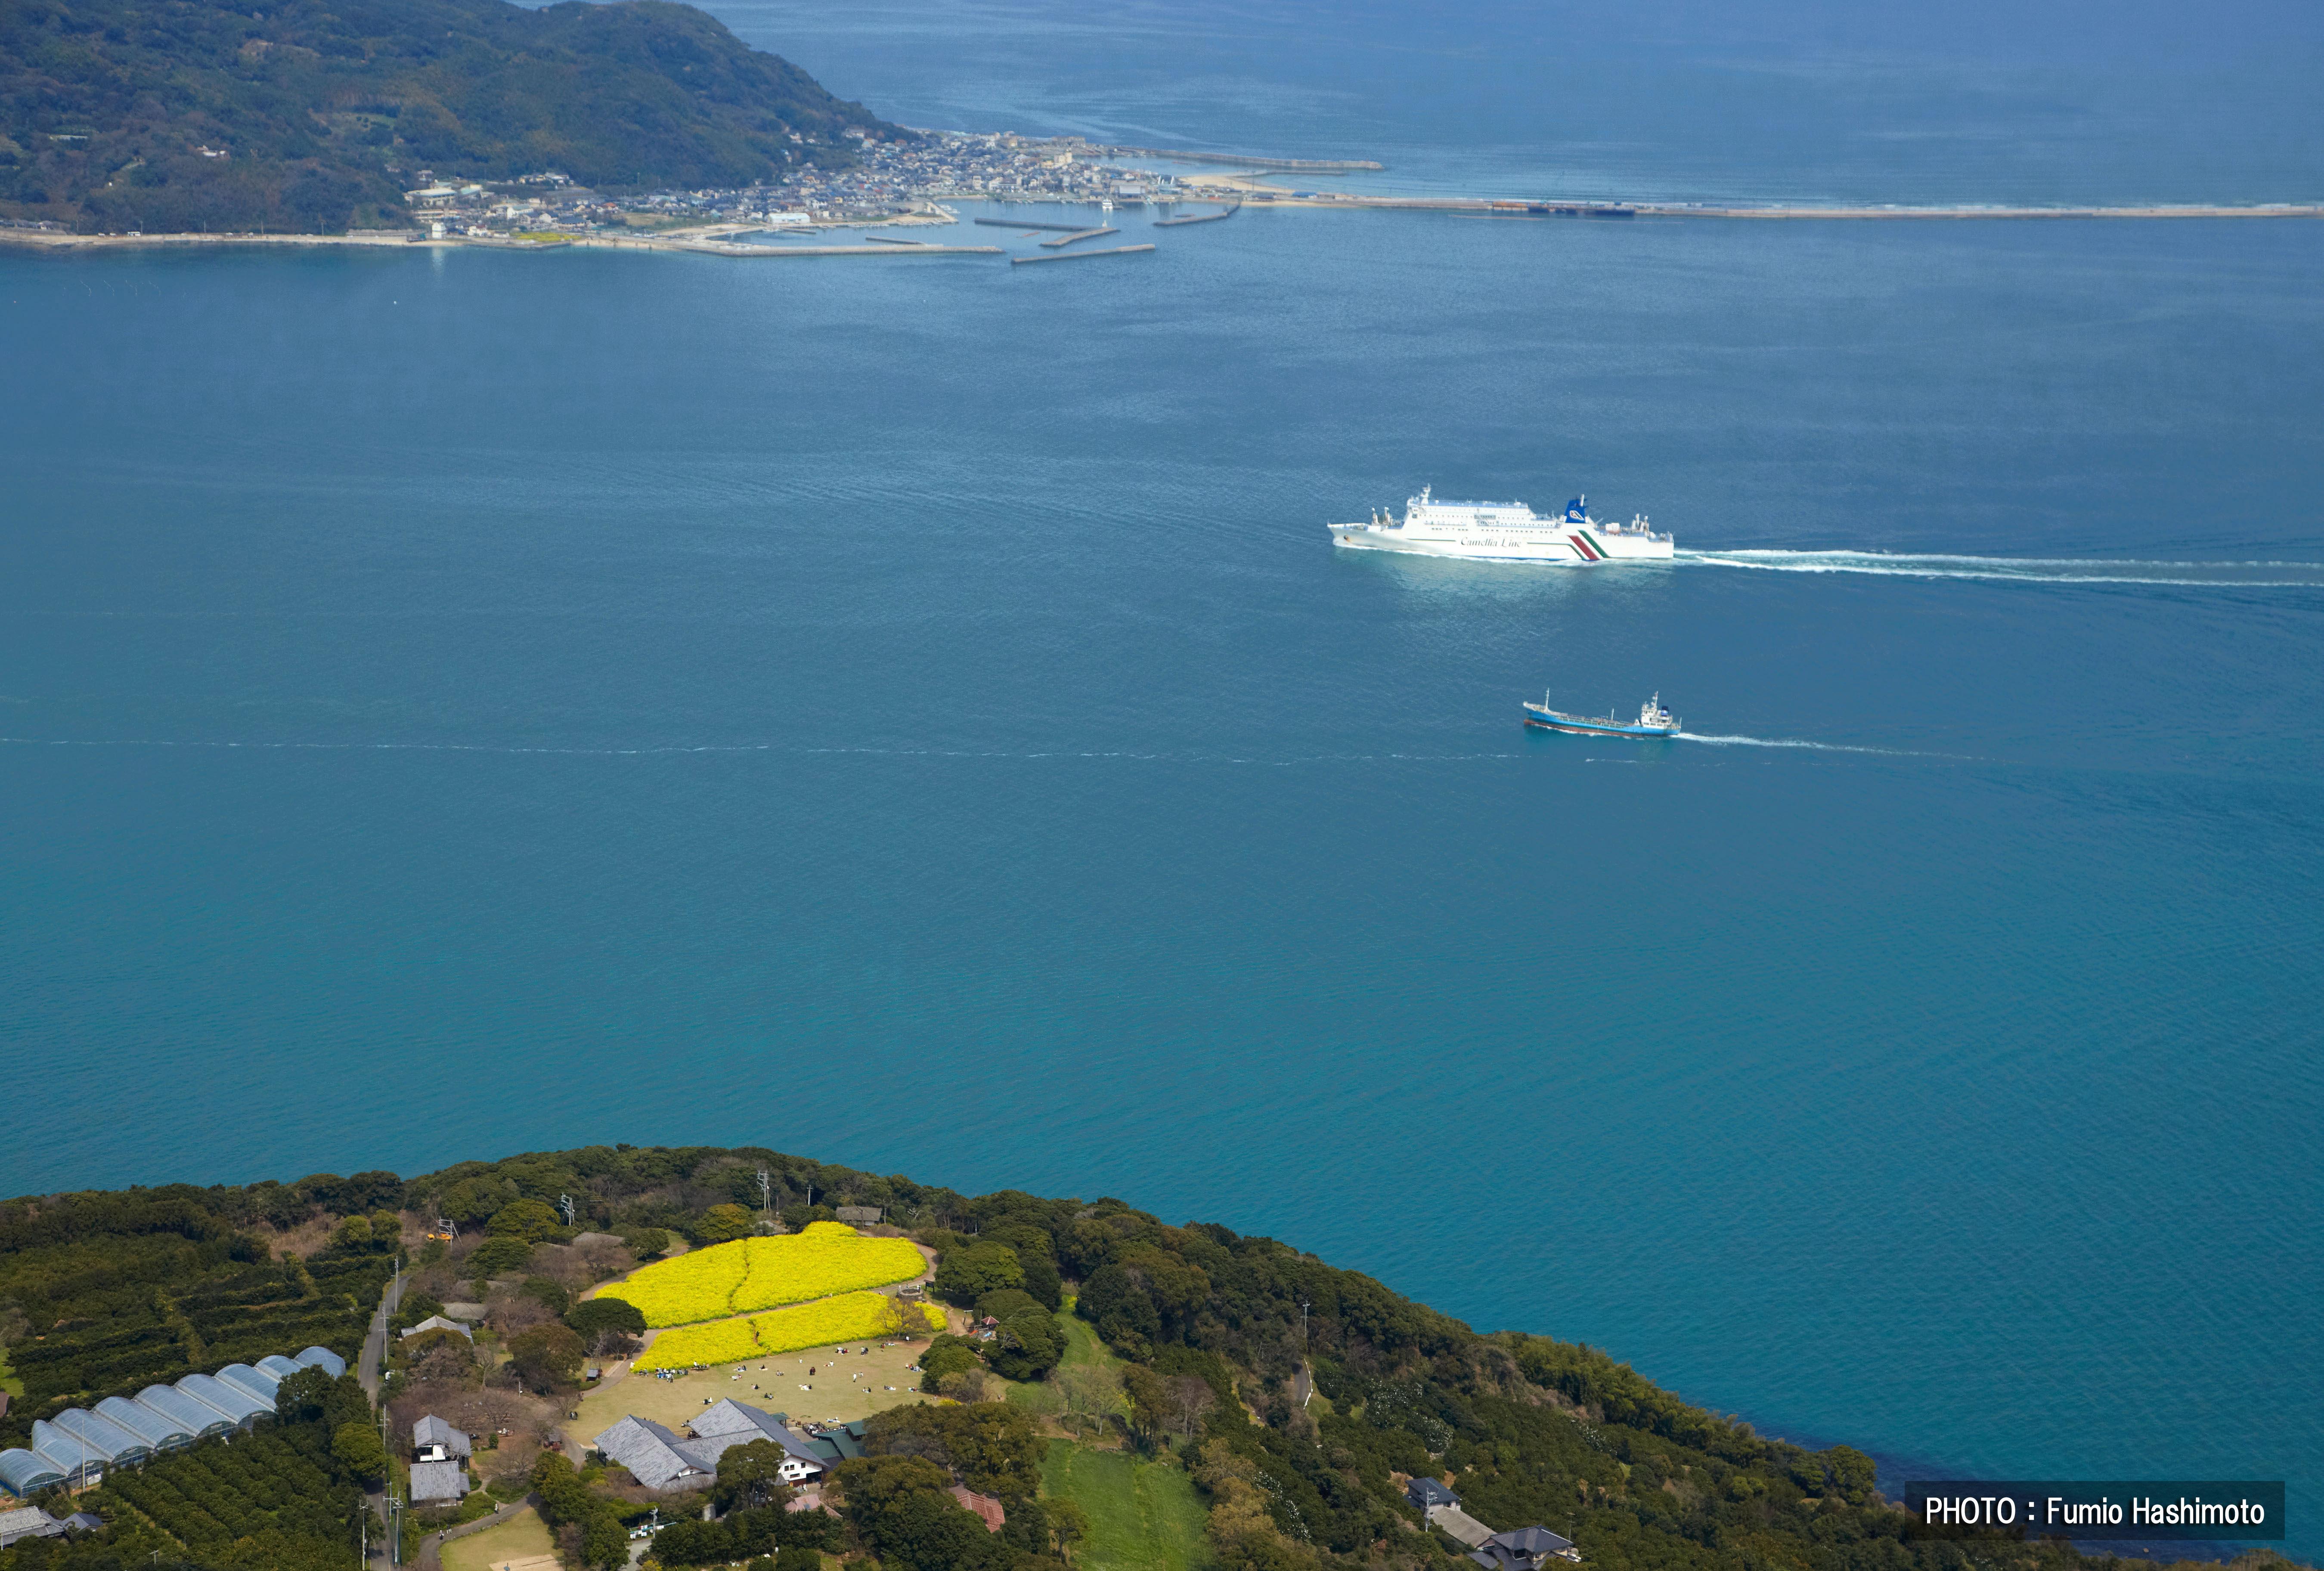 能古島と志賀島の間を韓国への客船が進む(2009)の画像